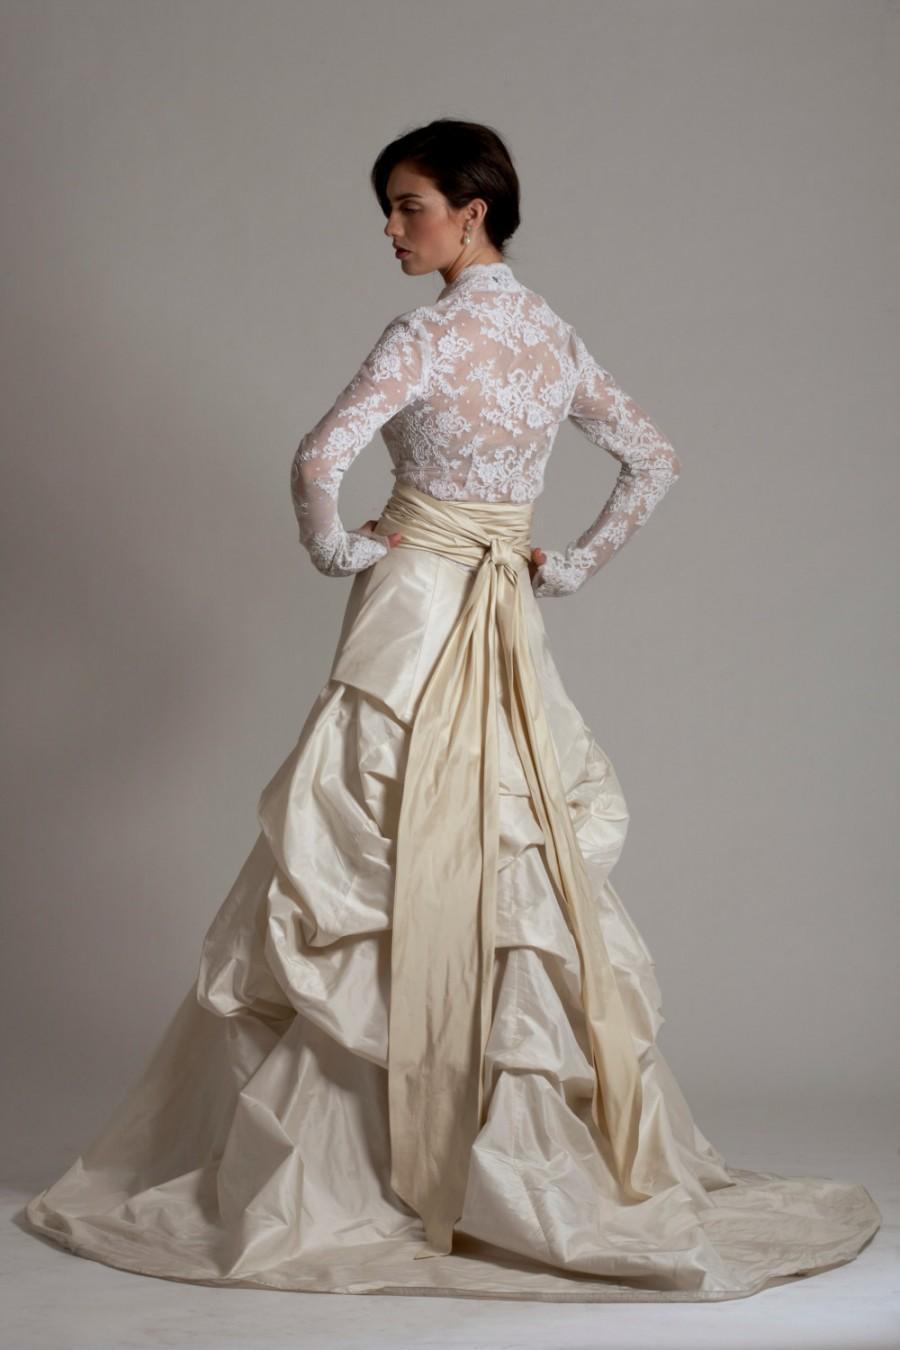 Mariage - Grace (Lace Jacket, Embellished Skirt & Sash)